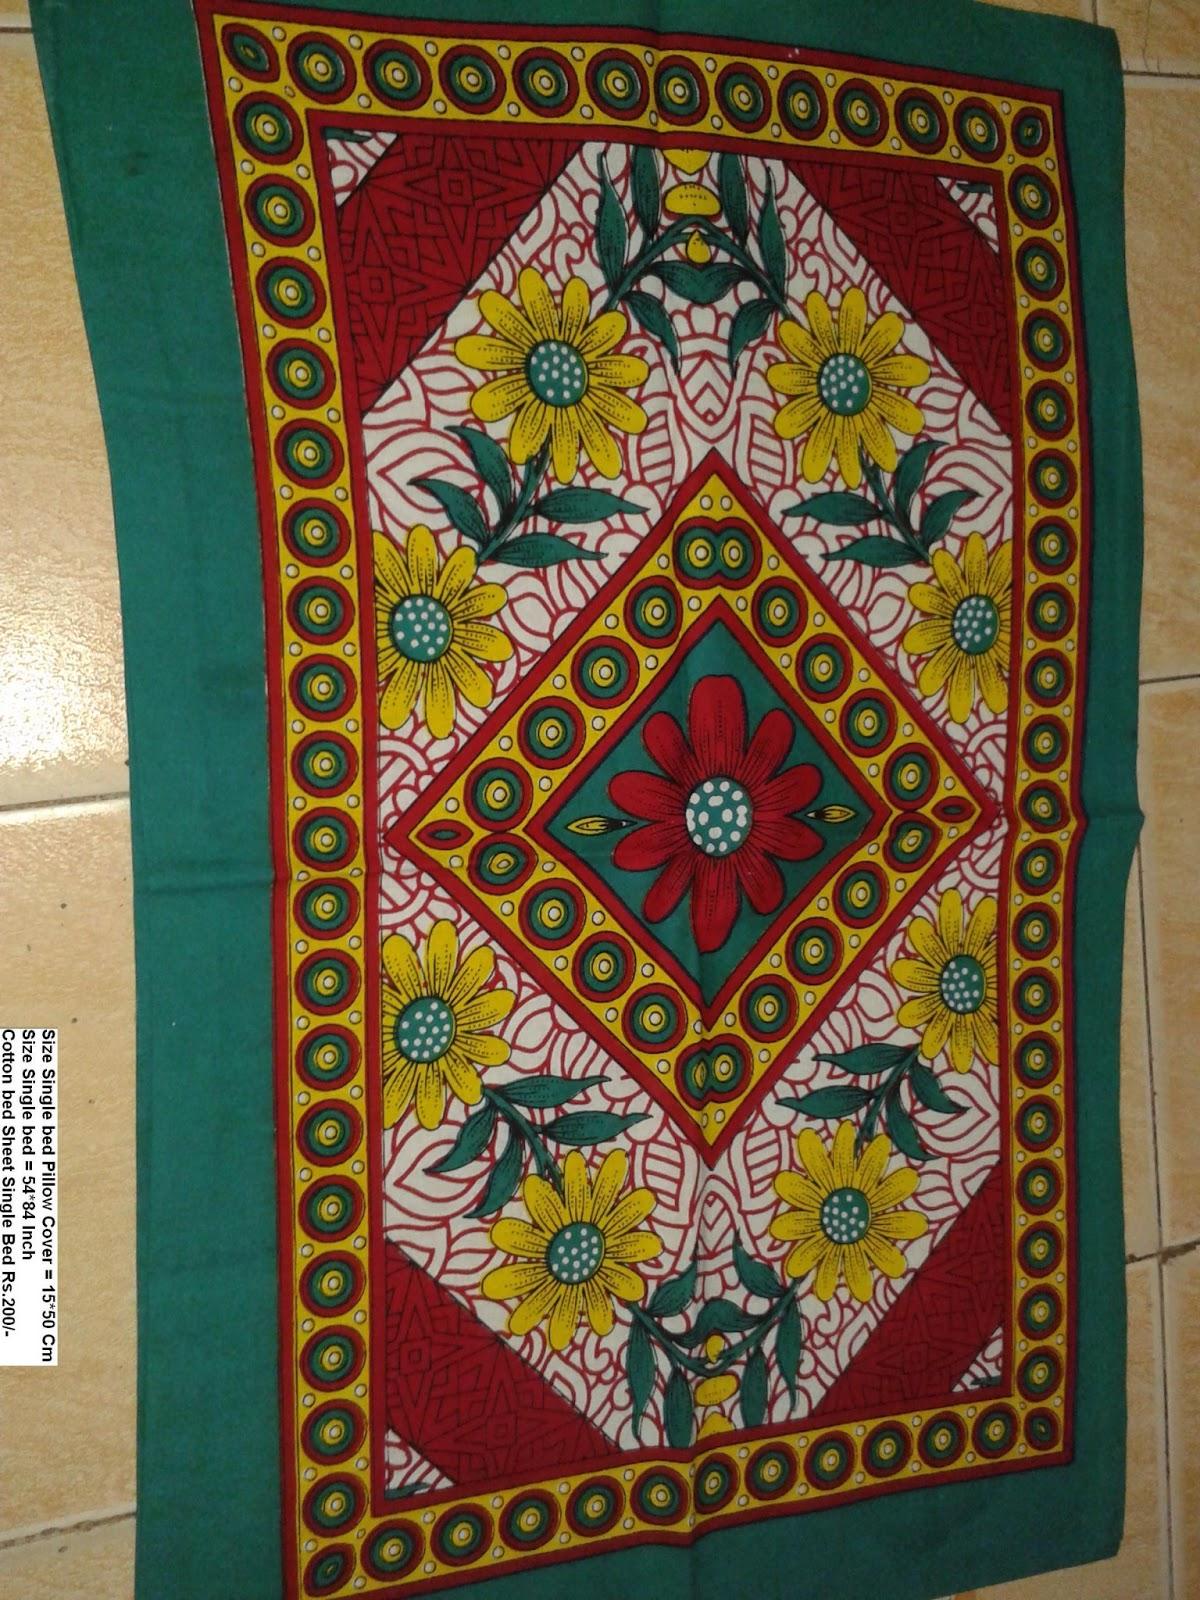 ... Bed Sheet Wholesaler, Cotton Printed Jaipuri Bed Sheet Wholesaler, Hand  Block Printed Bed Sheet Wholesaler, Cotton Printed Bed Sheet Manufacturer,  ...